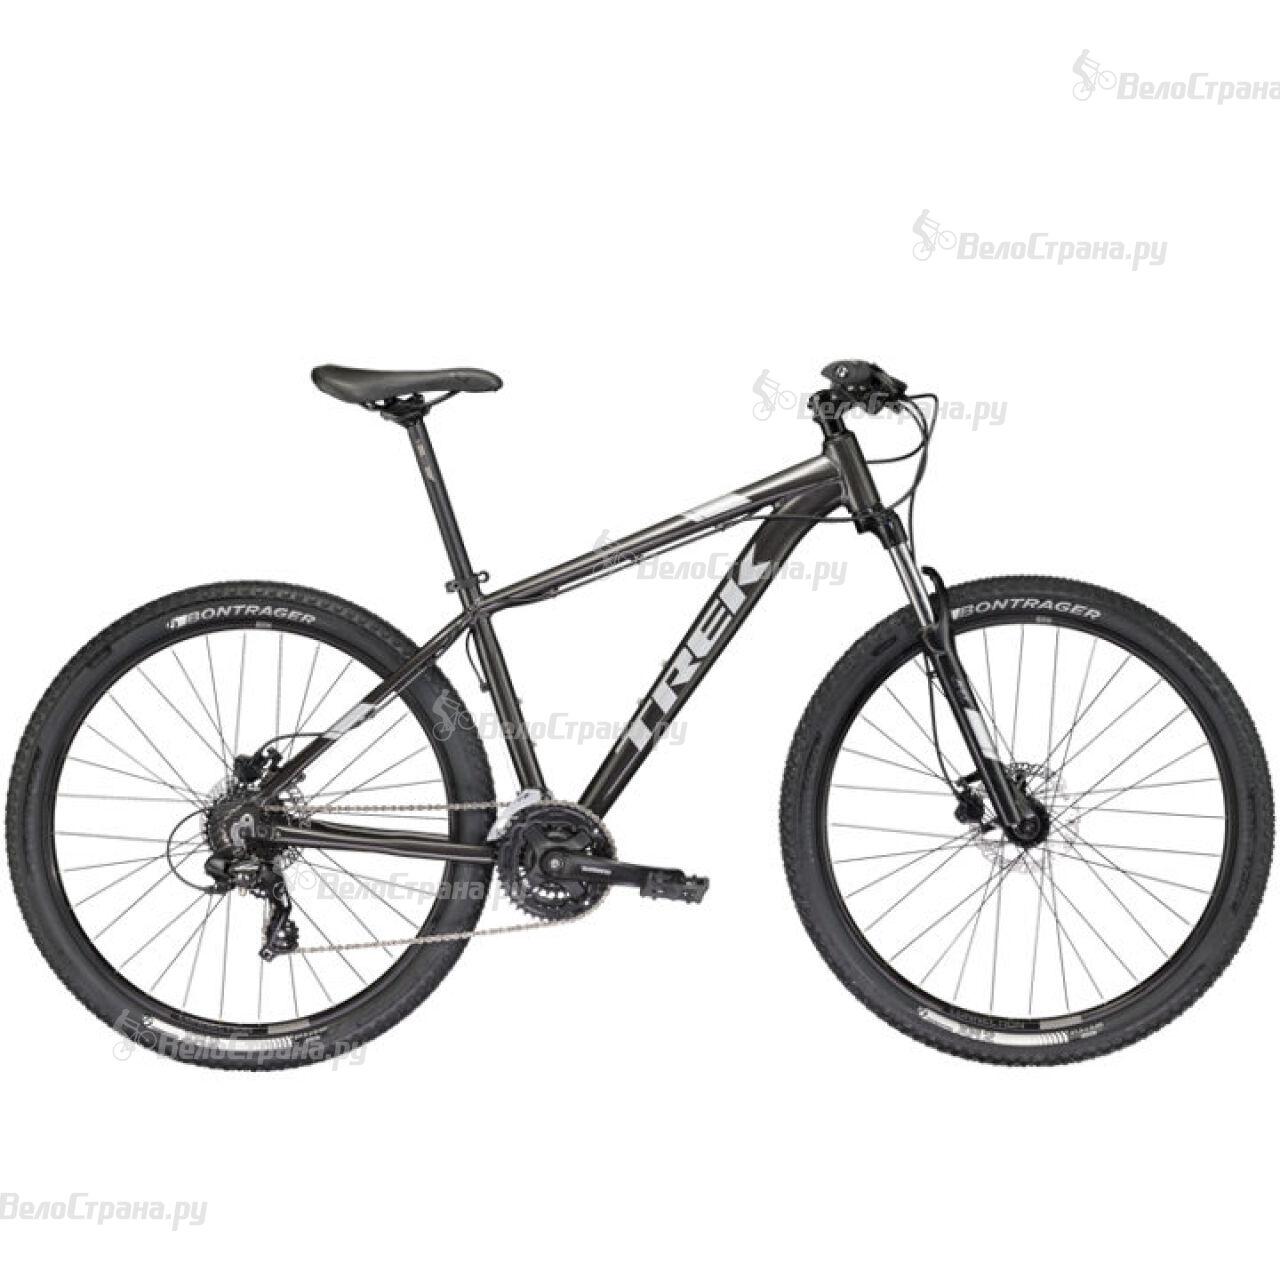 Велосипед Trek Marlin 6 29 (2017) ребенку 8 лет с каким размером колес велосипед